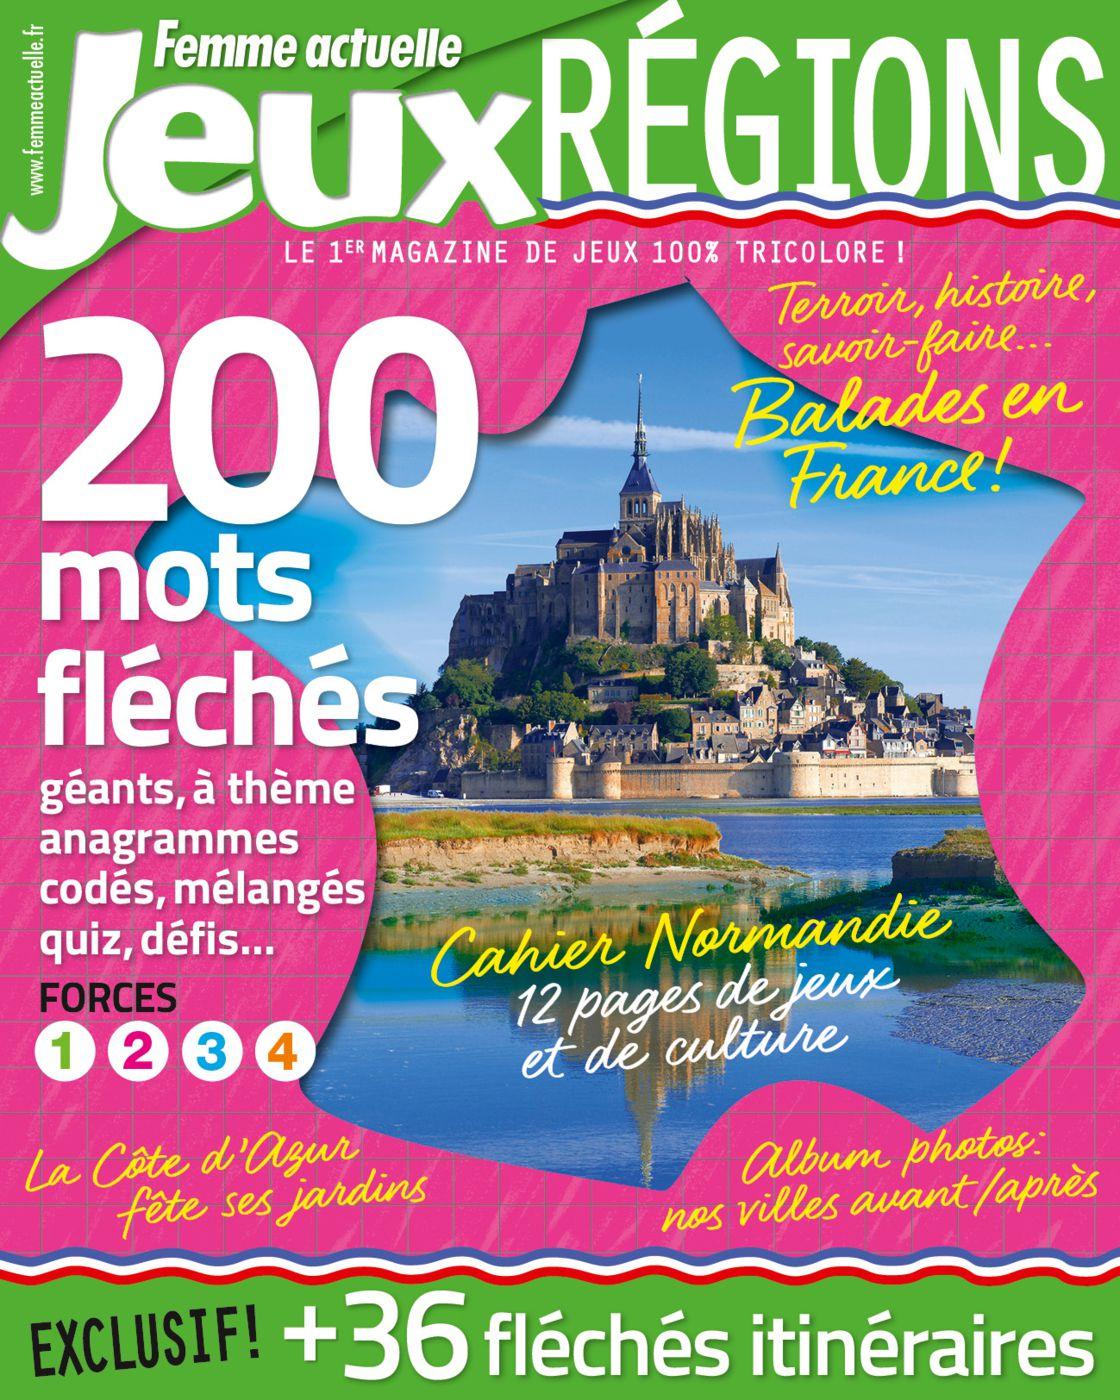 Jouez Et Découvrez Les Régions De France : Femme Actuelle Le Mag dedans Jeu Sur Les Régions De France